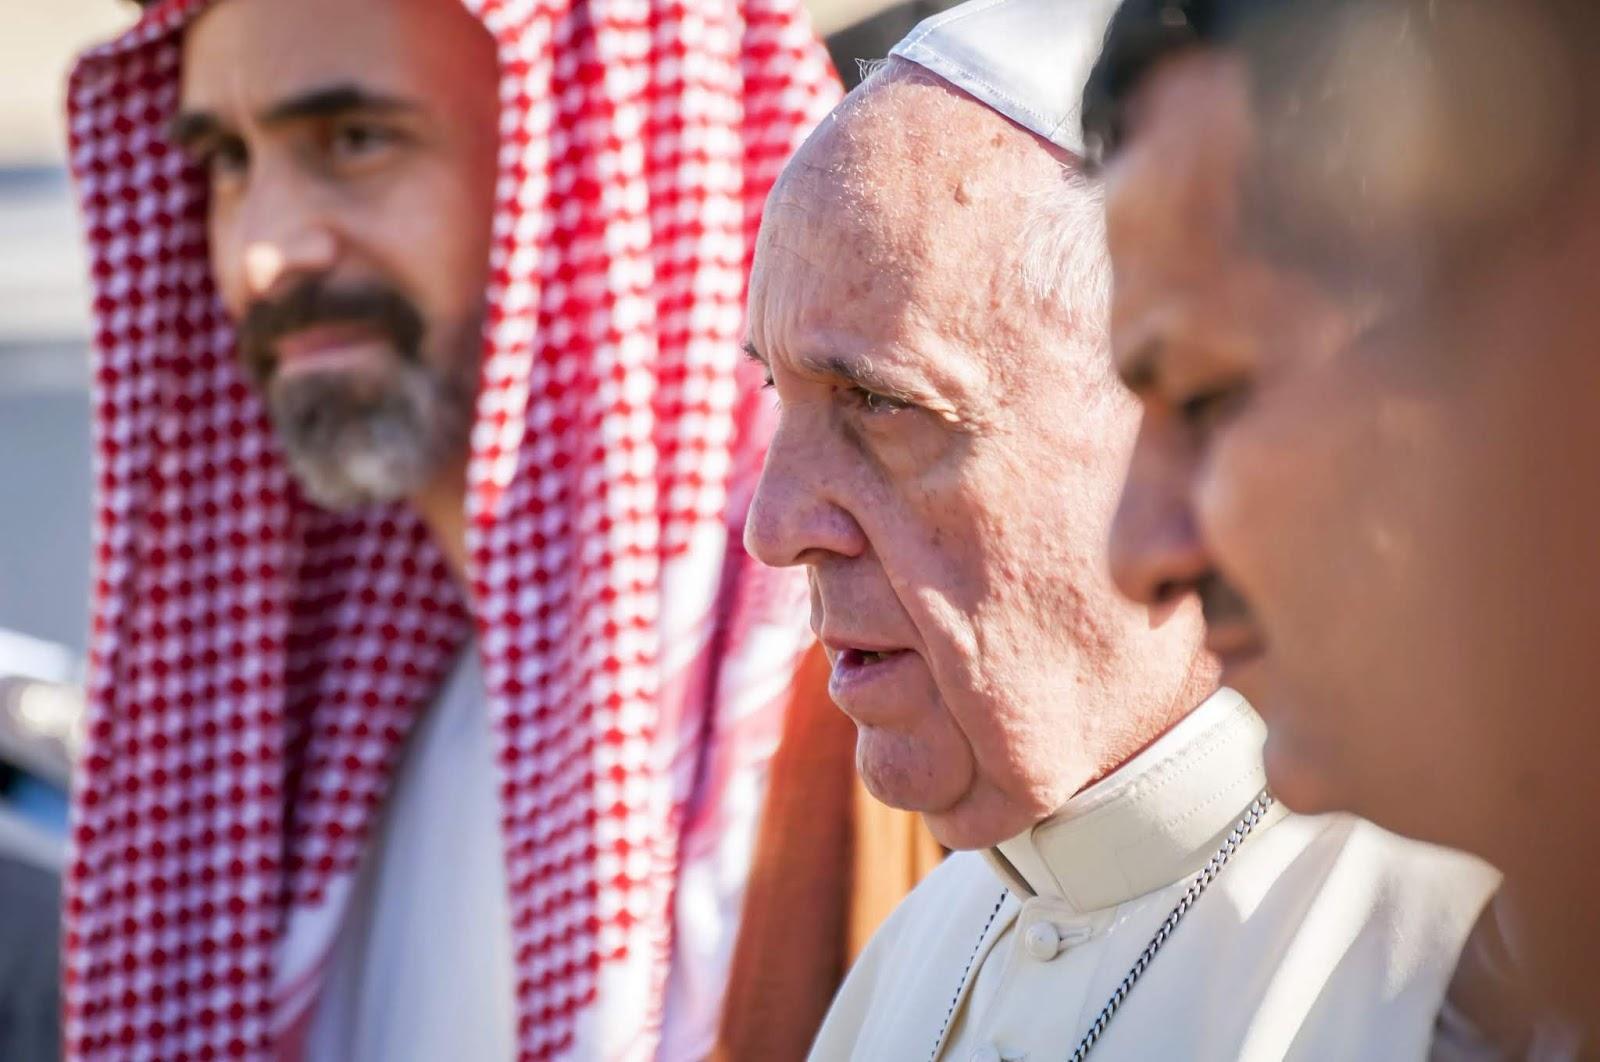 Des preuves suggèrent que le pape François pourrait aider à faciliter les rituels de pédophilie et de satanisme au Vatican